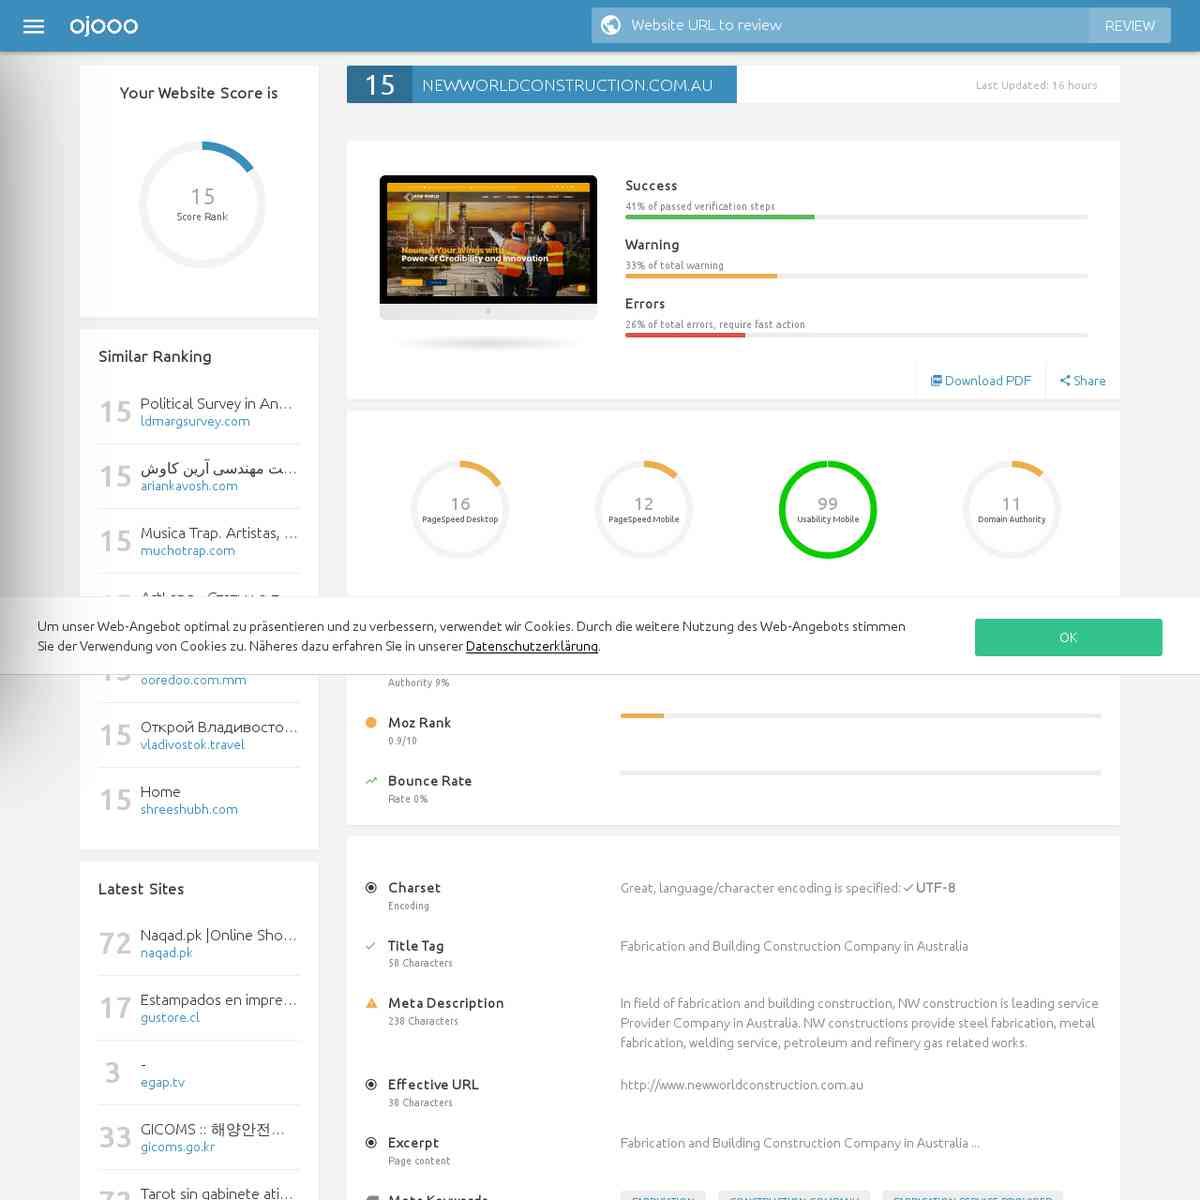 rank.ojooo.com/newworldconstruction.com.au